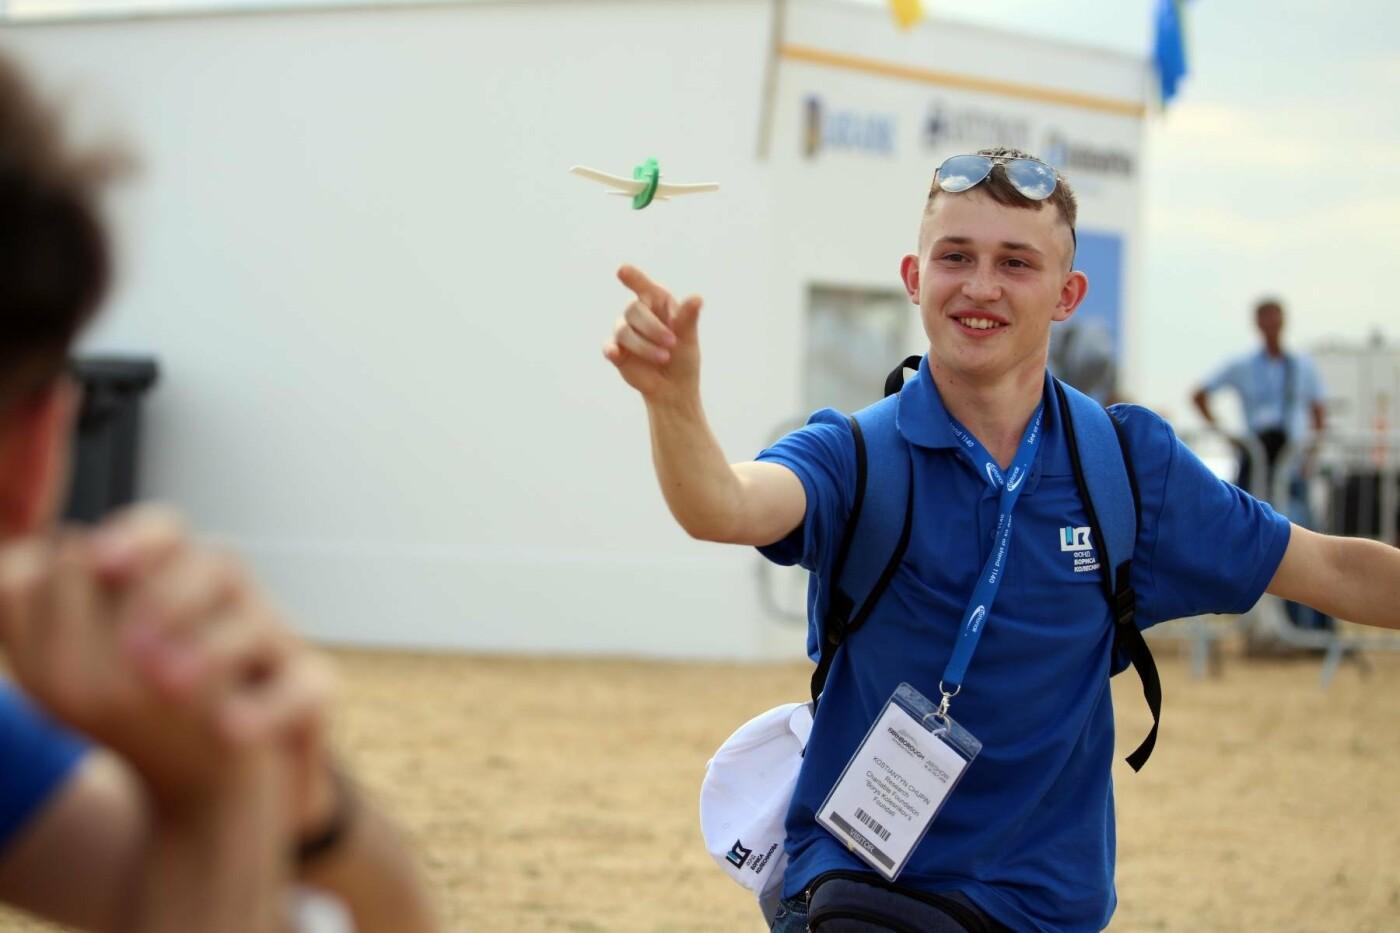 Борис Колесников отправил студентов из Покровска на авиафорум в Лондон, фото-4